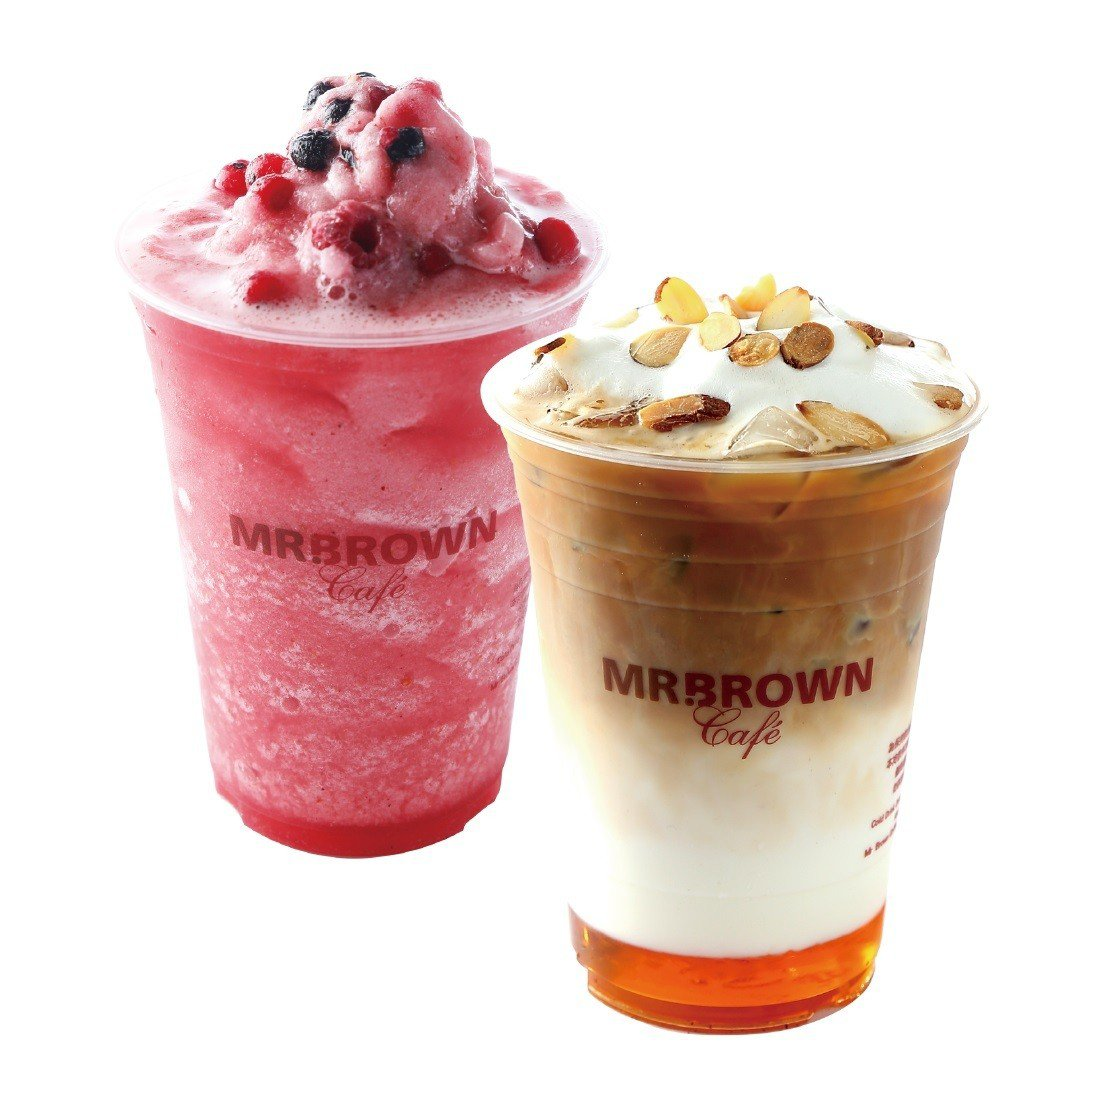 伯朗咖啡館新品,前為鹽味焦糖拿鐵,後為鹽味青蘋野莓法樂皮。圖/伯朗咖啡館提供